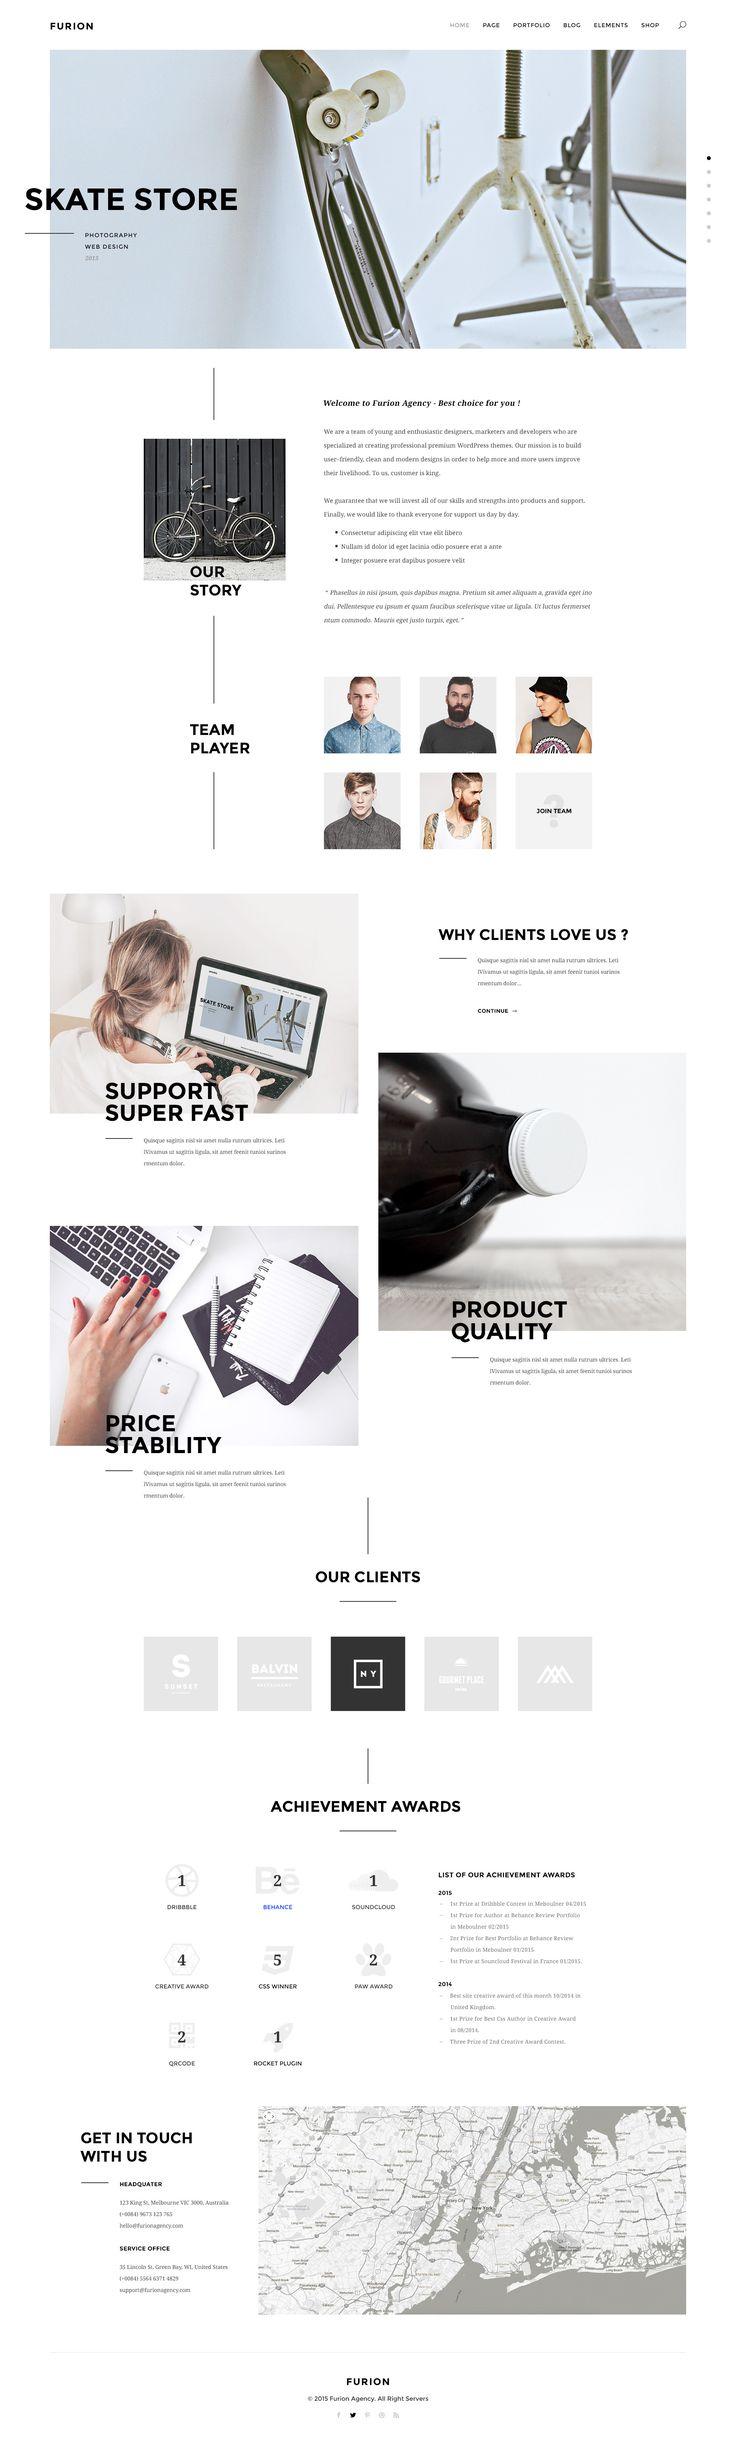 Skate Store Web Design Inspiration | DezineMag